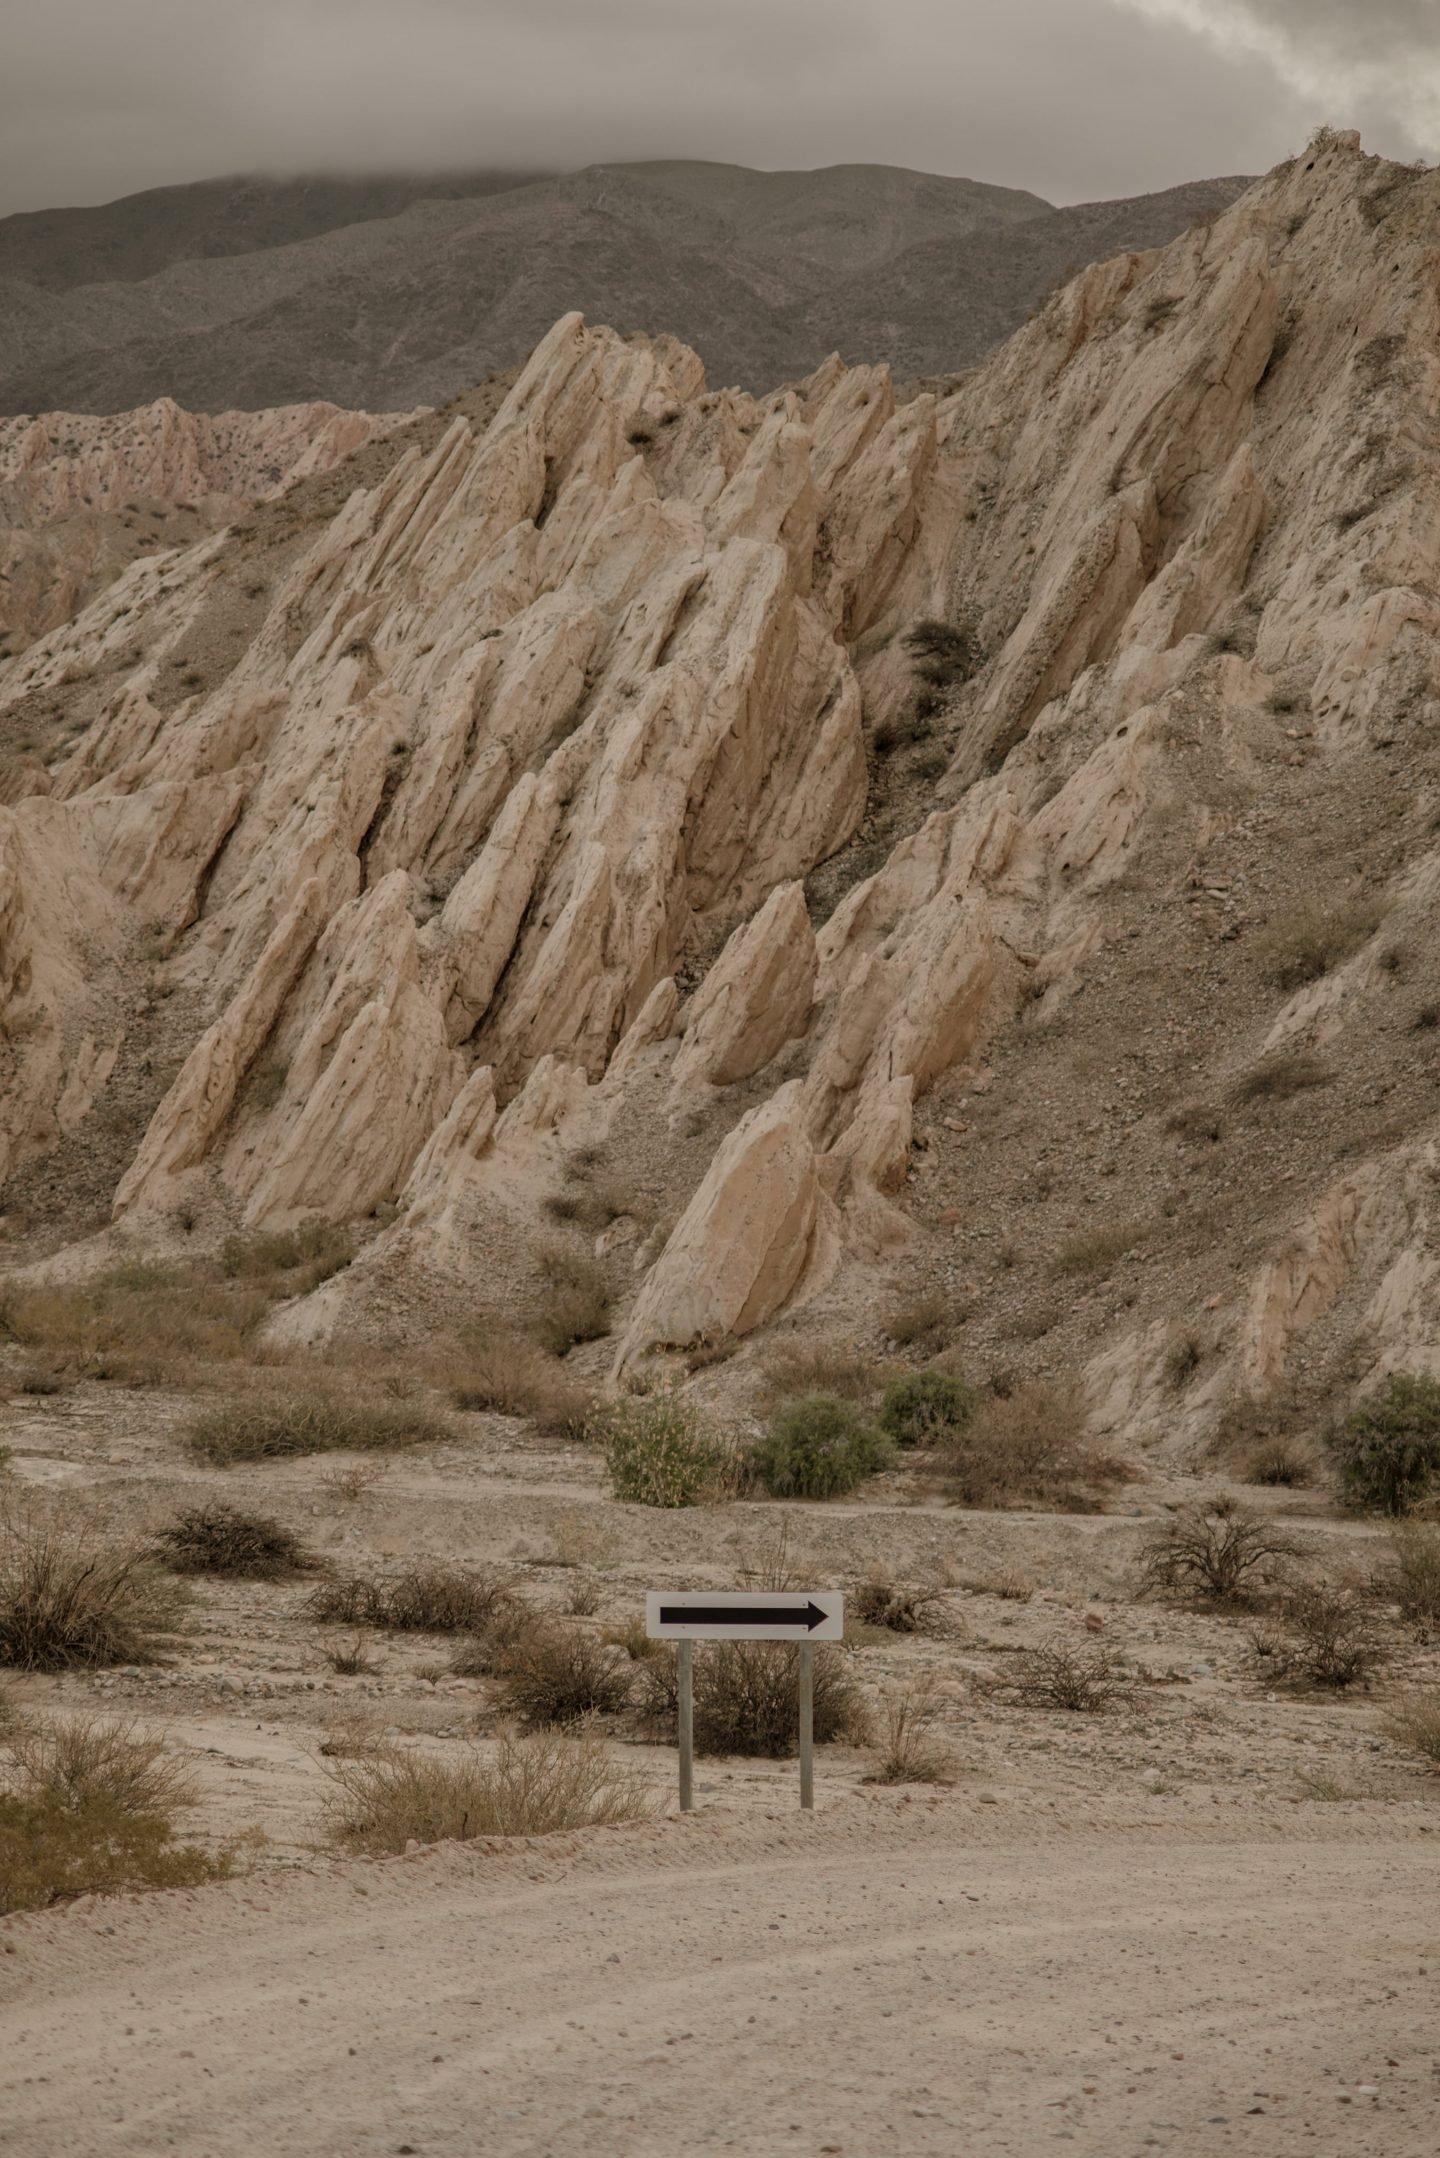 IGNANT-Photography-Landscape-HoracioReyePaez-9